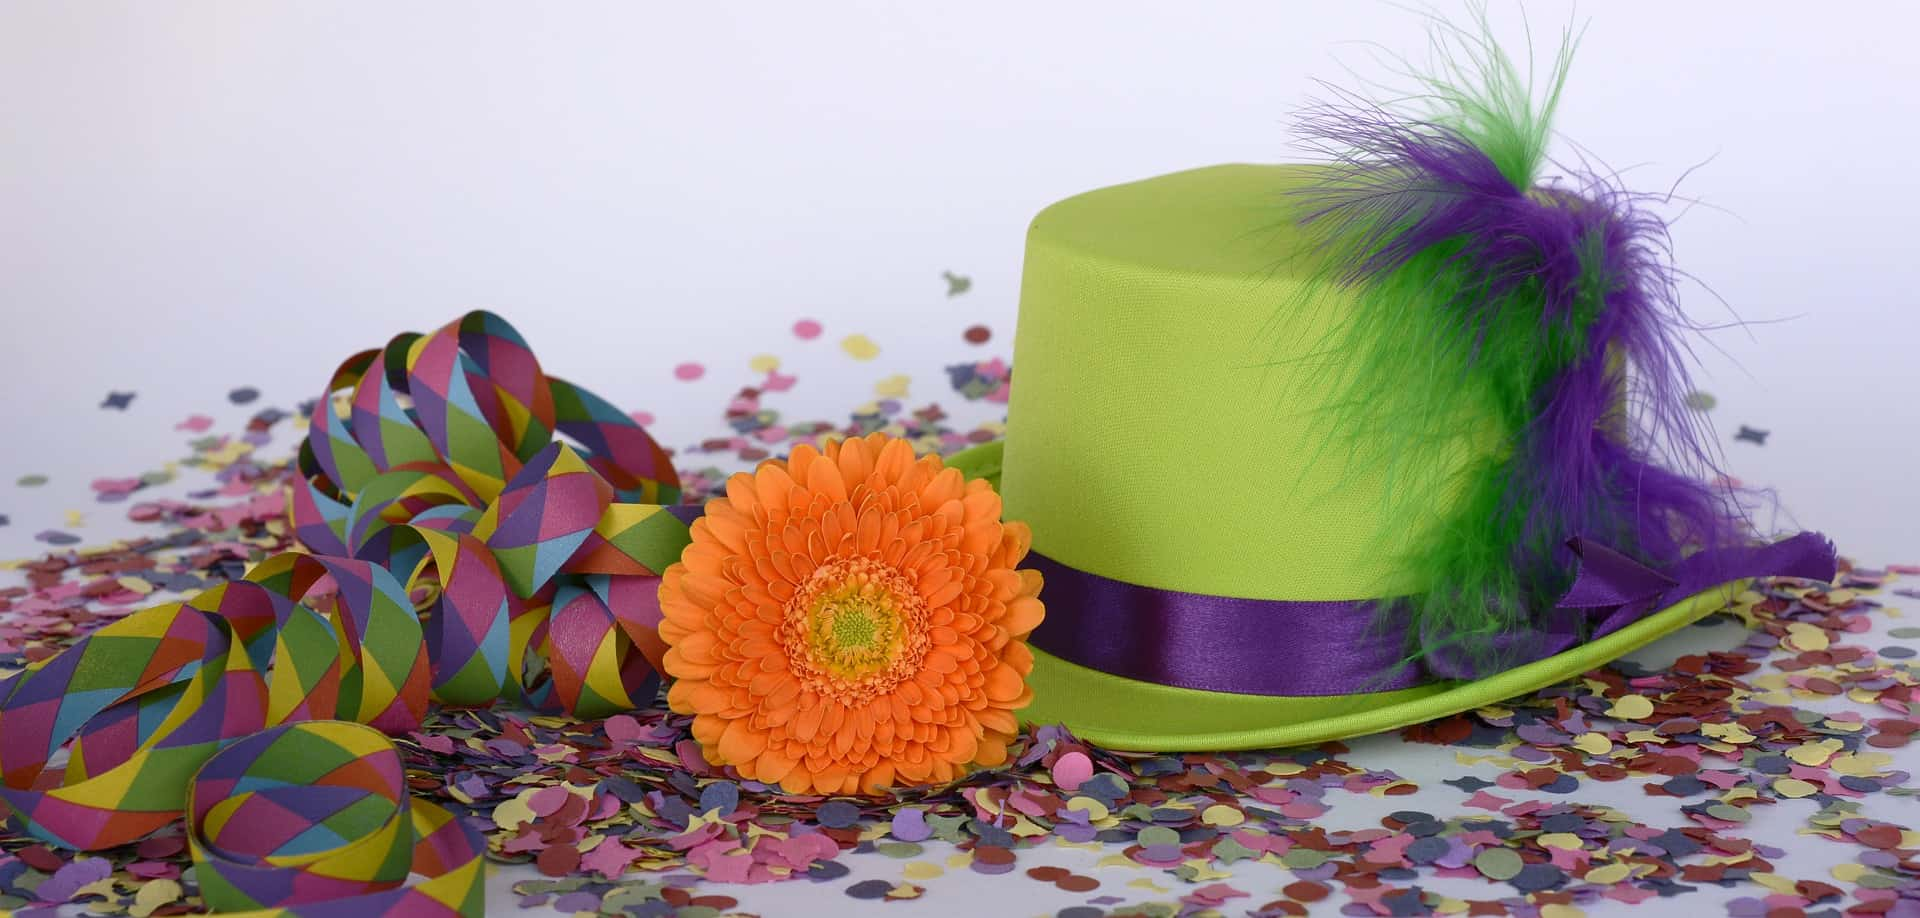 carnaval vieren hoed